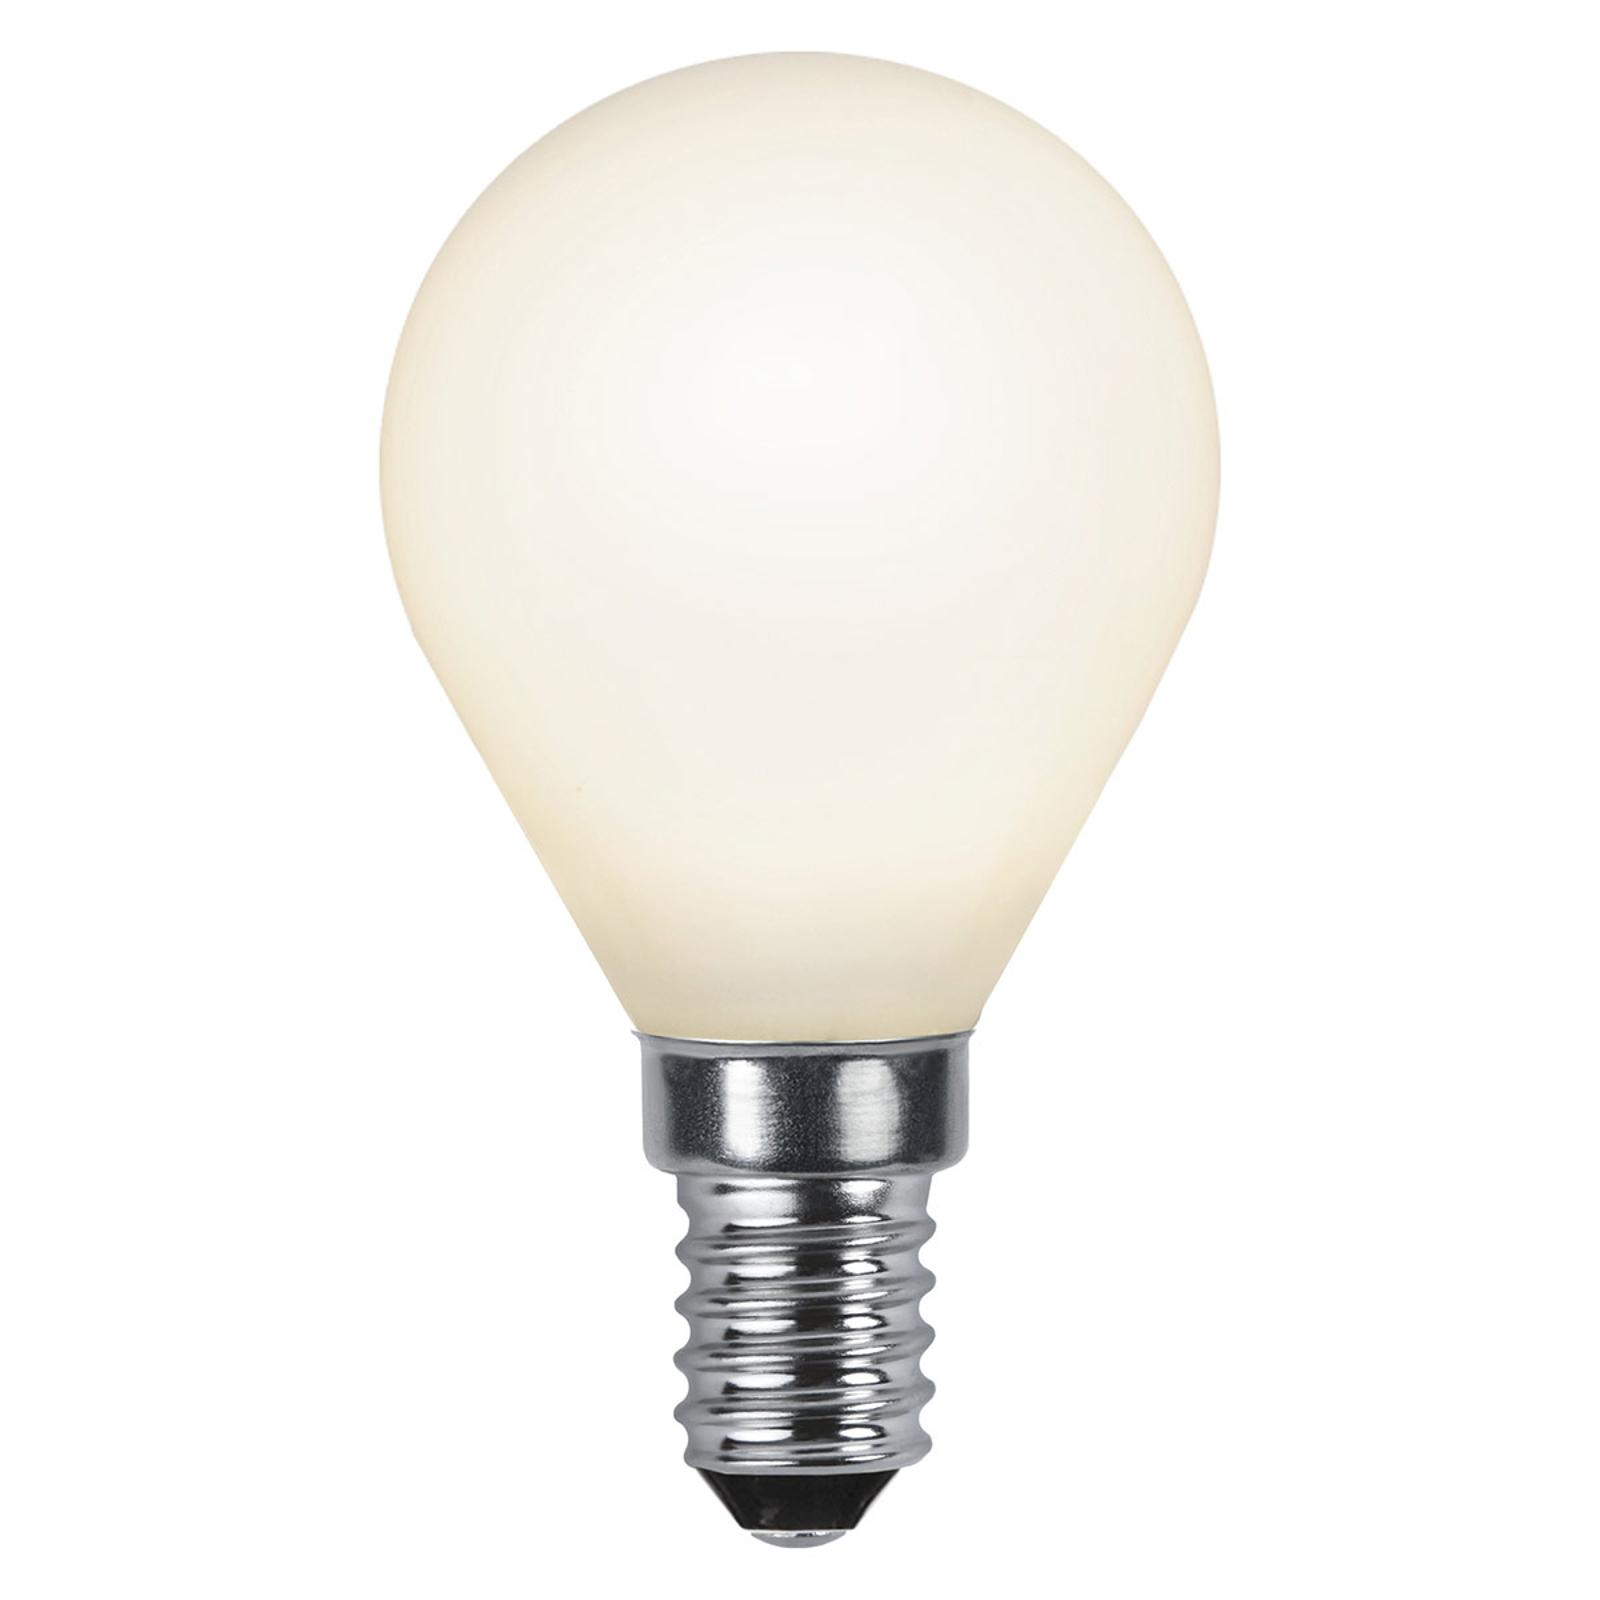 Ampoule goutte LED E14 2700K opale Ra90 4,7W